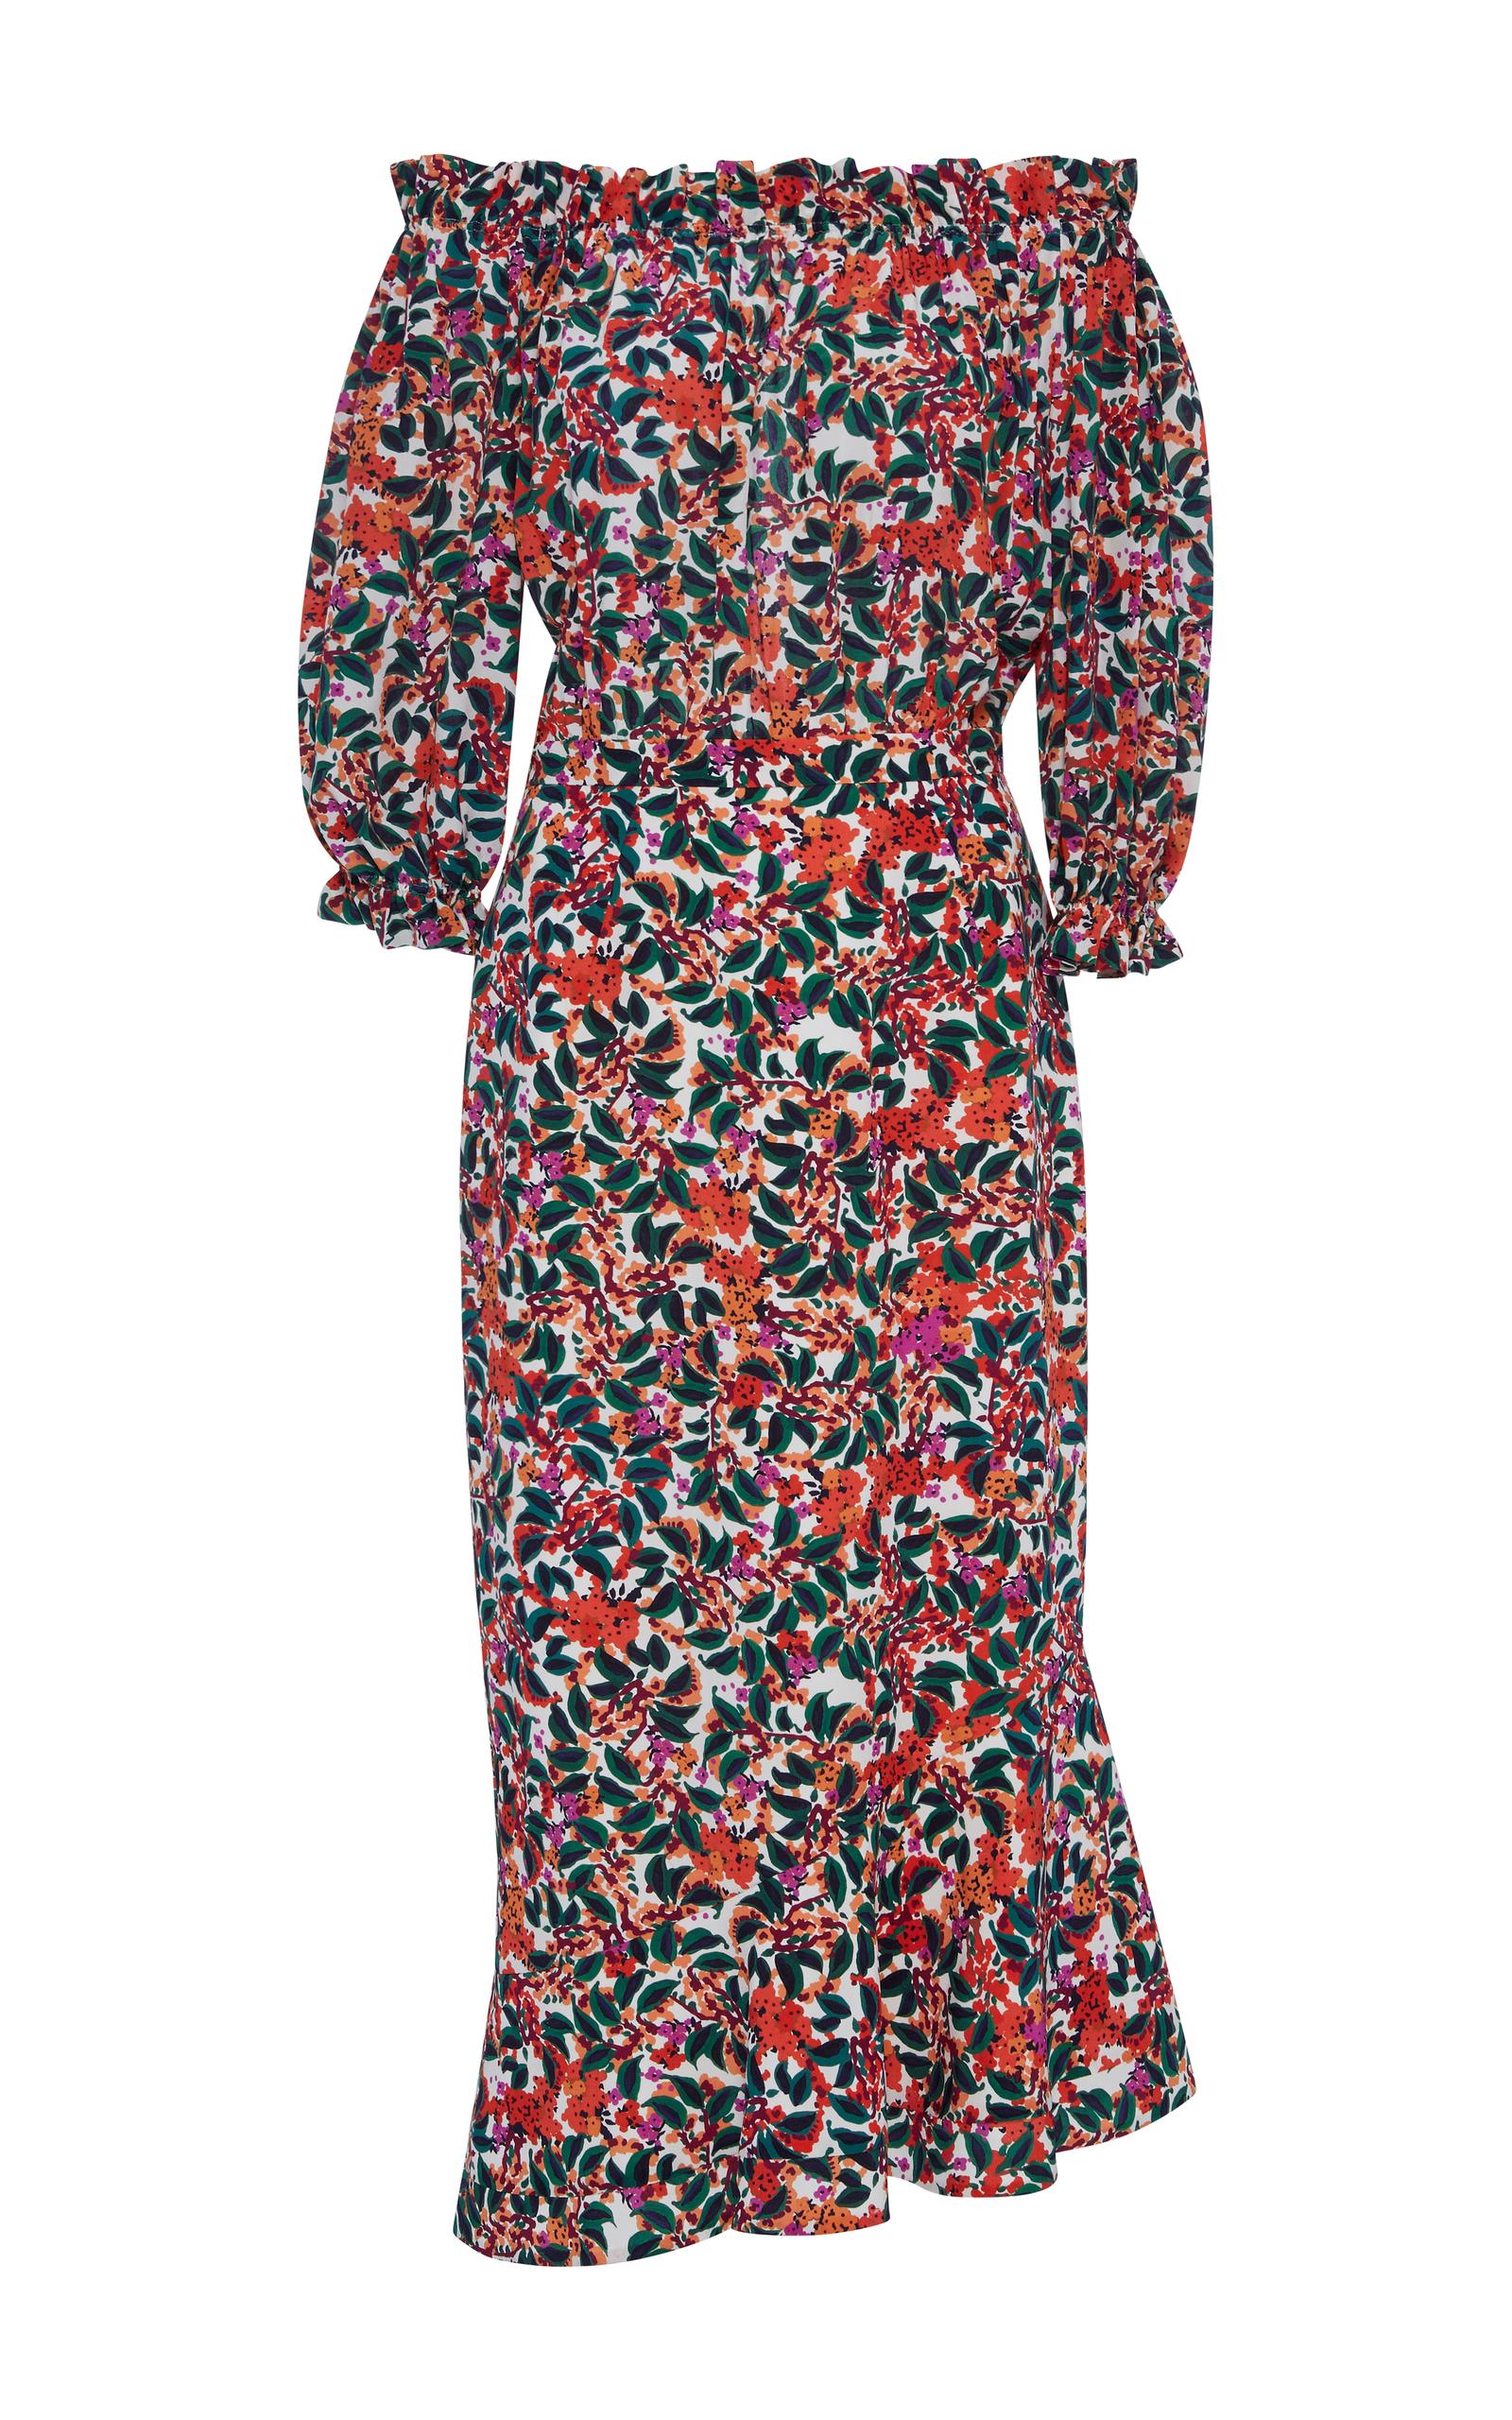 Saloni off-shoulder printed dress Wear Resistance MAtFf